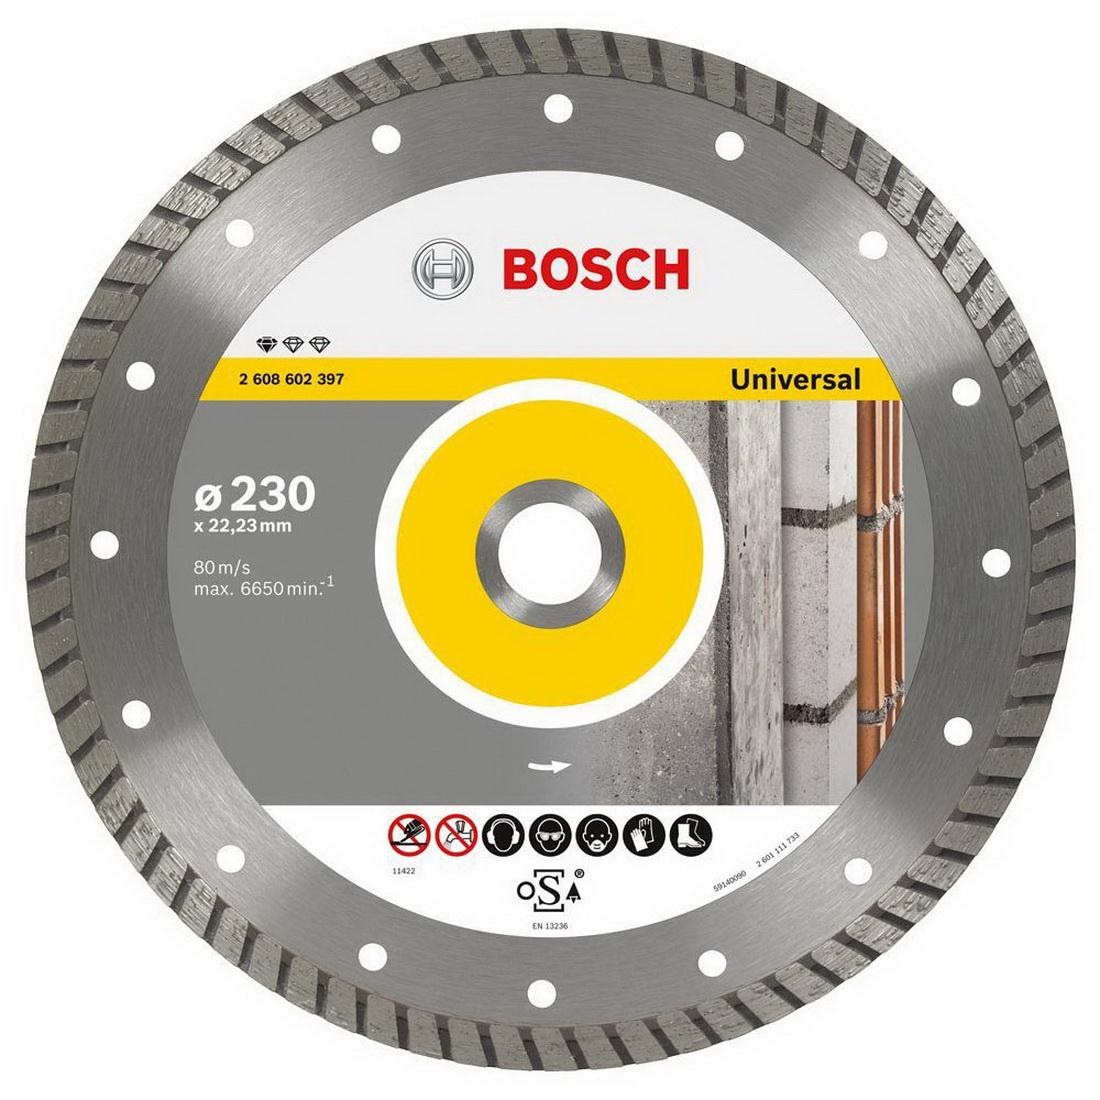 Professional Diamond Cutting Disc 230 x 22.23 x 2.5 x 10mm 2608602397